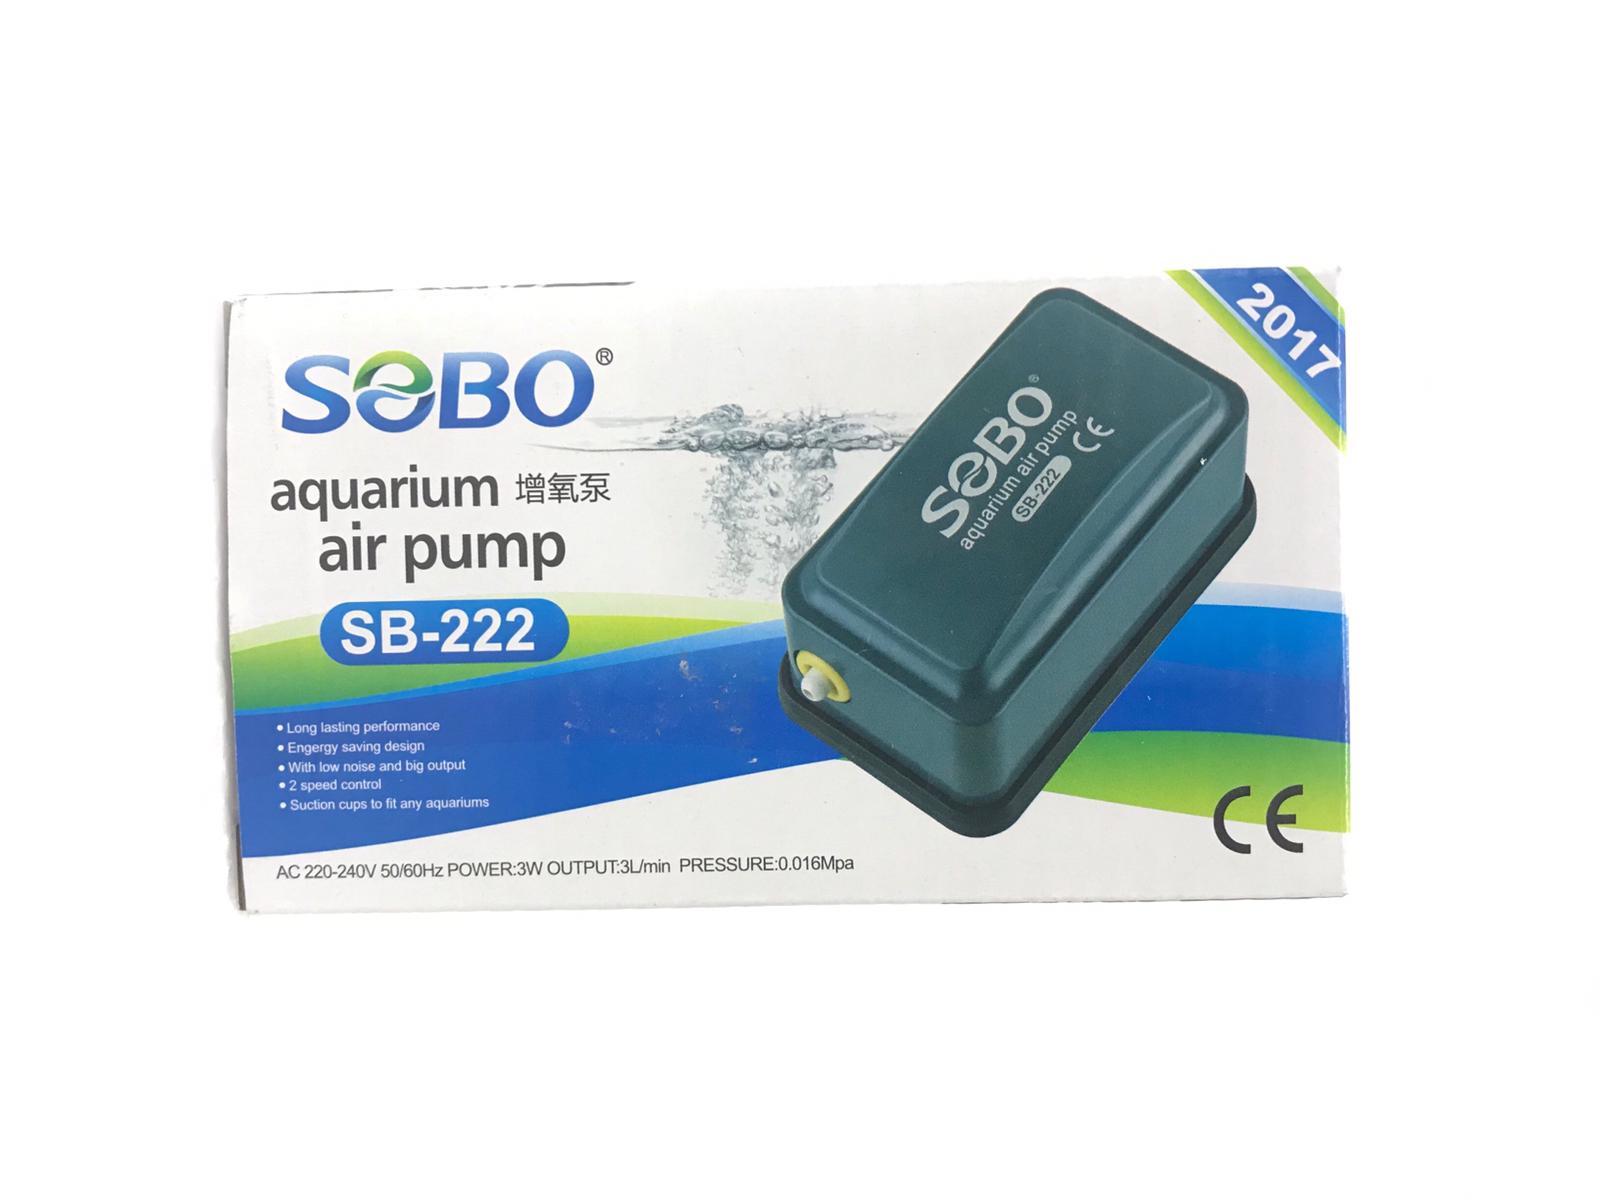 Sobo Air Pump SB-222